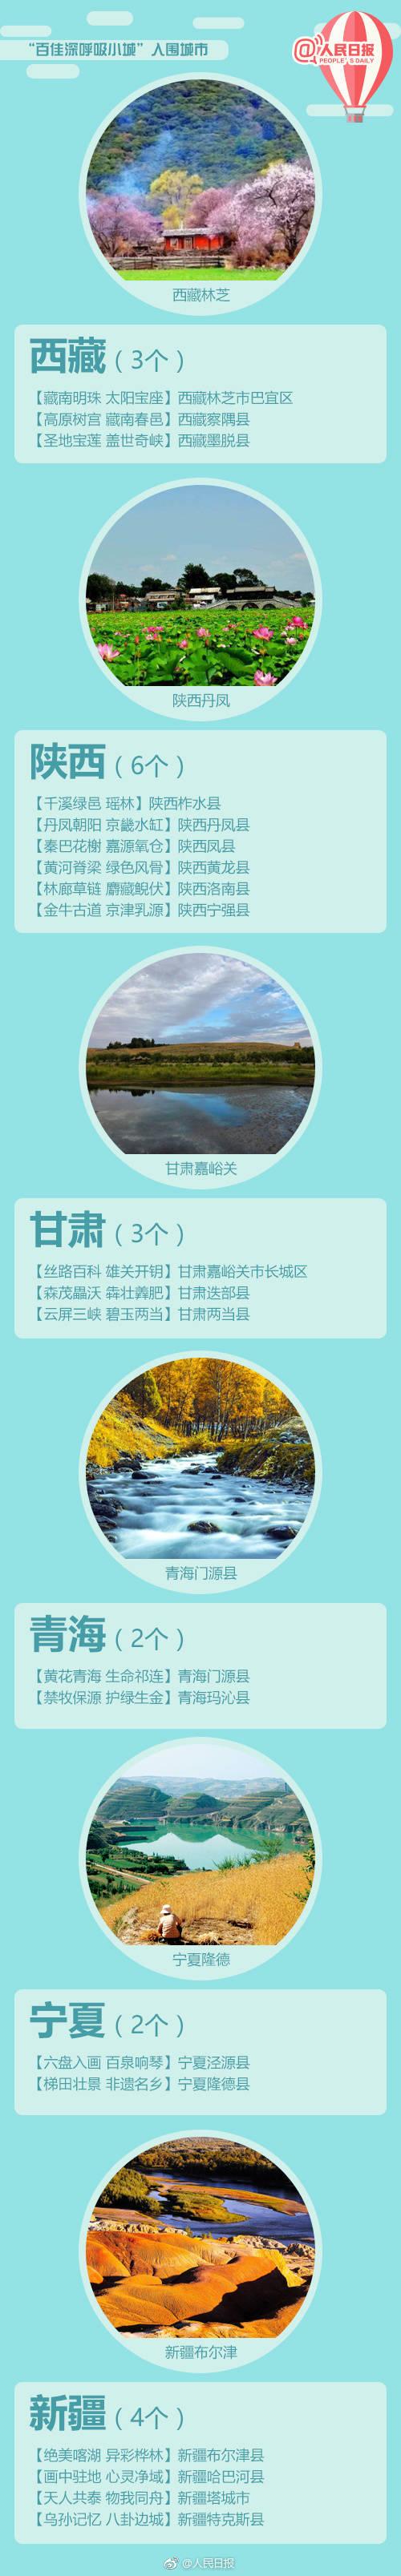 3-9.jpg